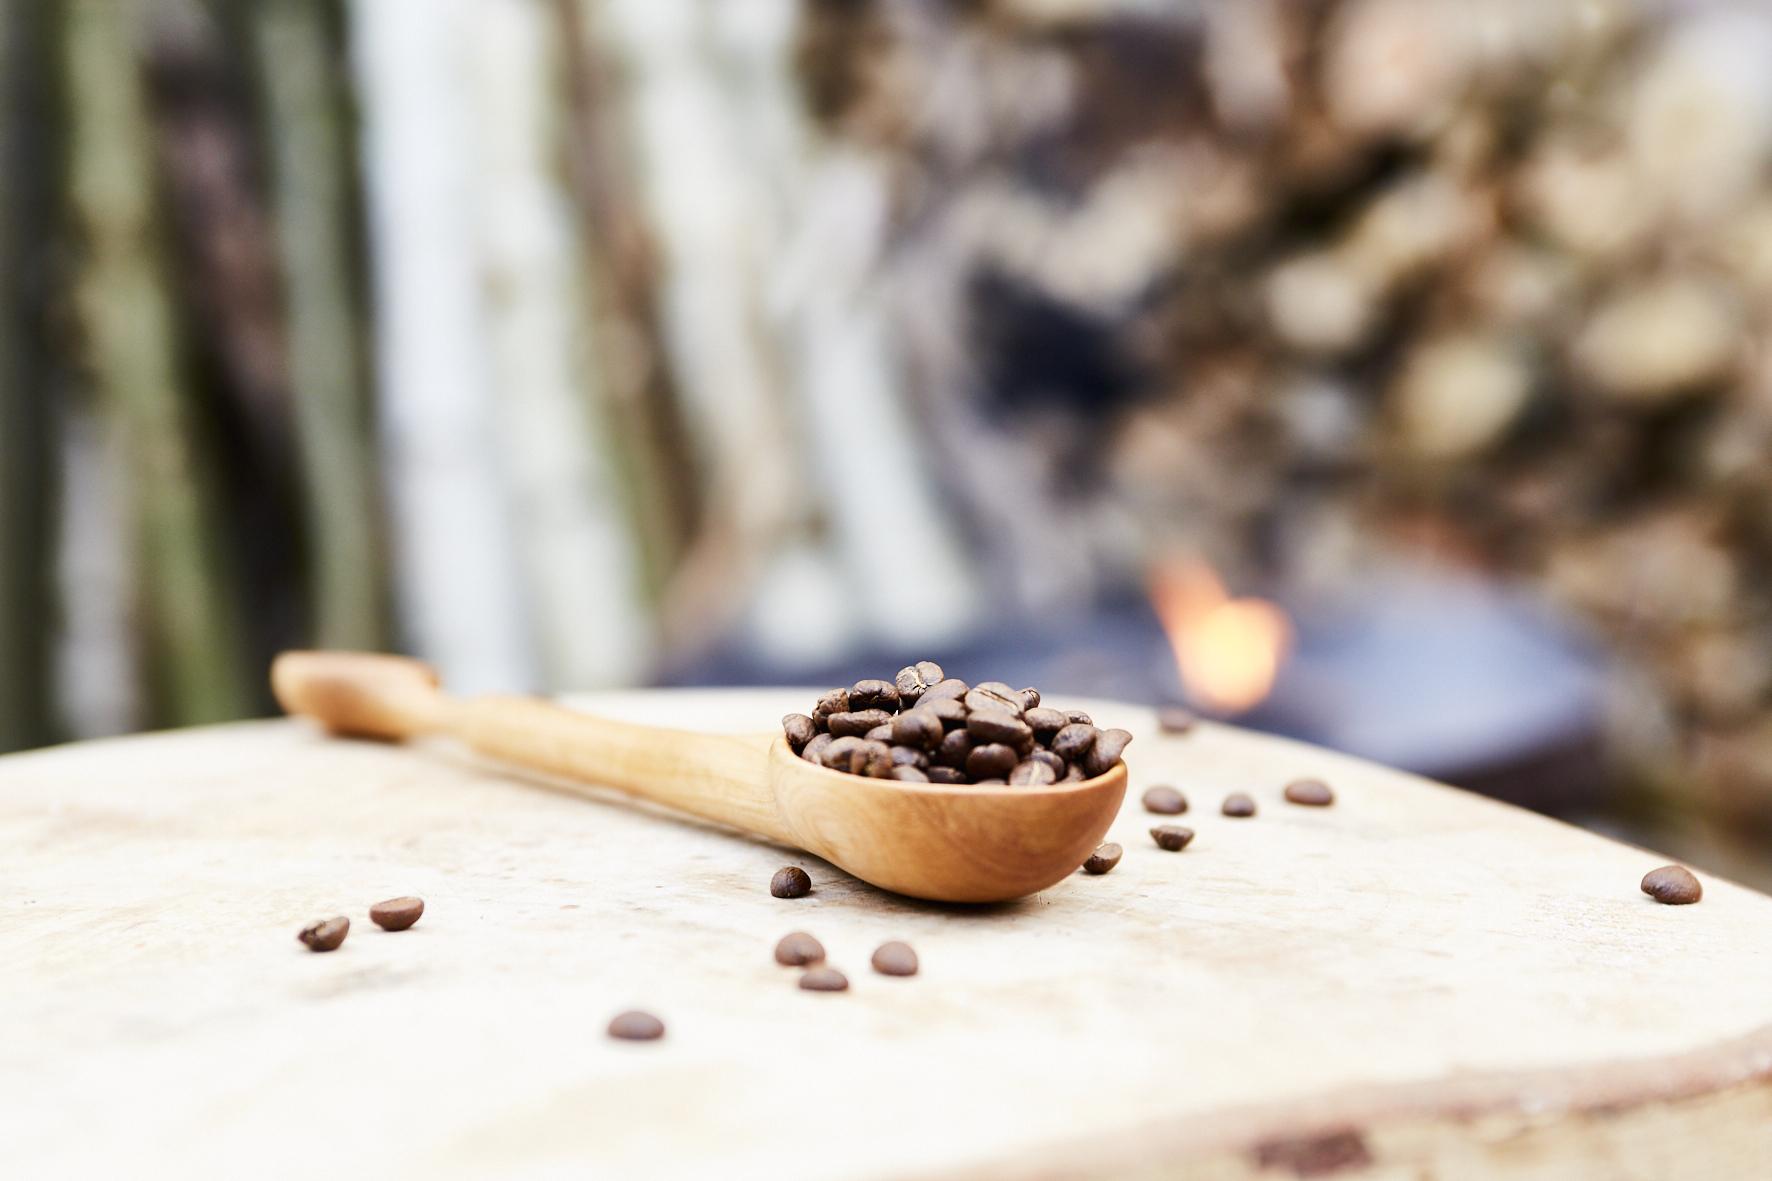 Bricolaje: tallar una cuchara de madera o un cazo para medir café.